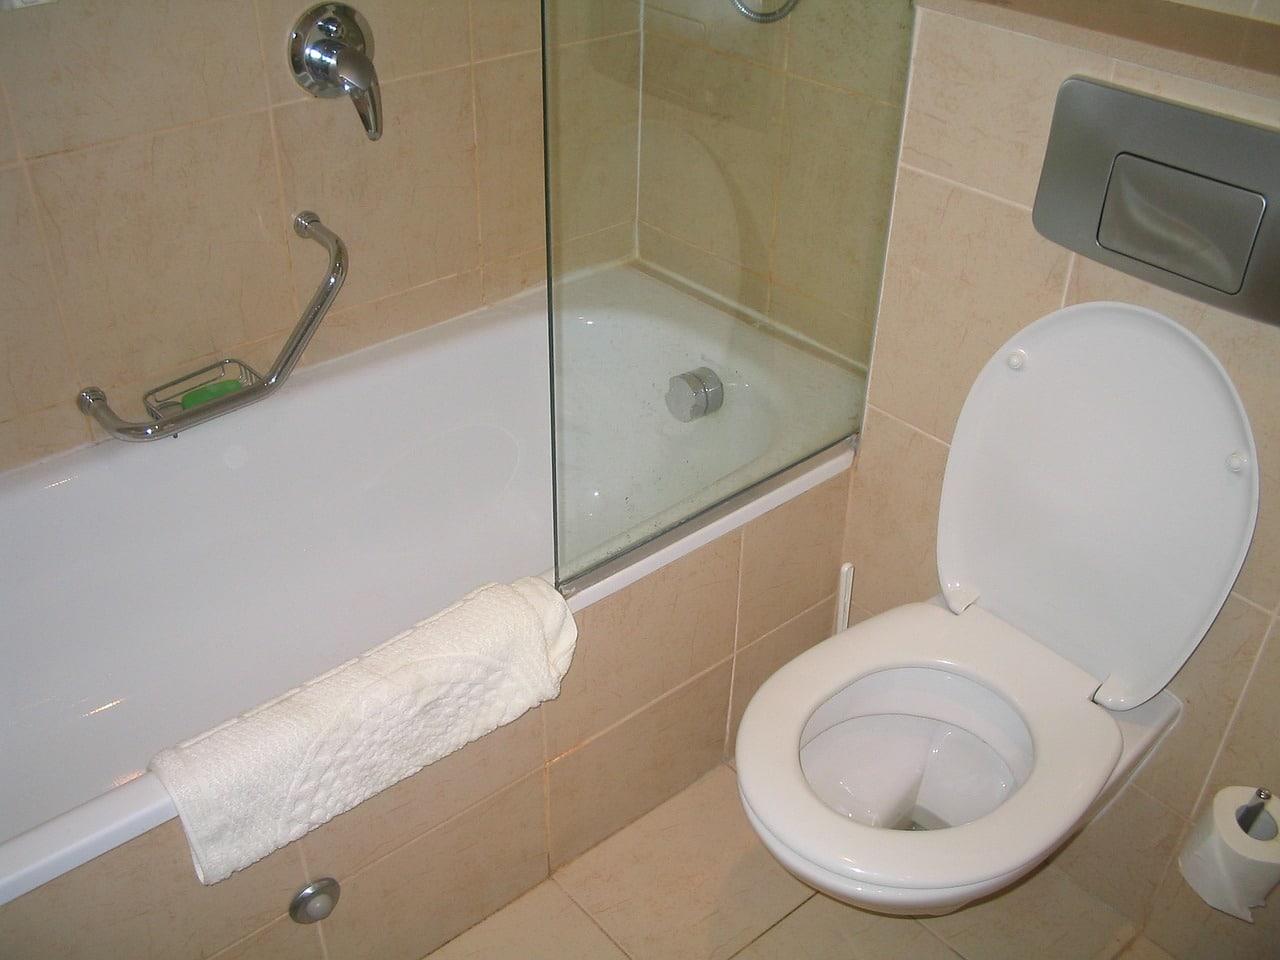 les avantages d'un wc sans bride